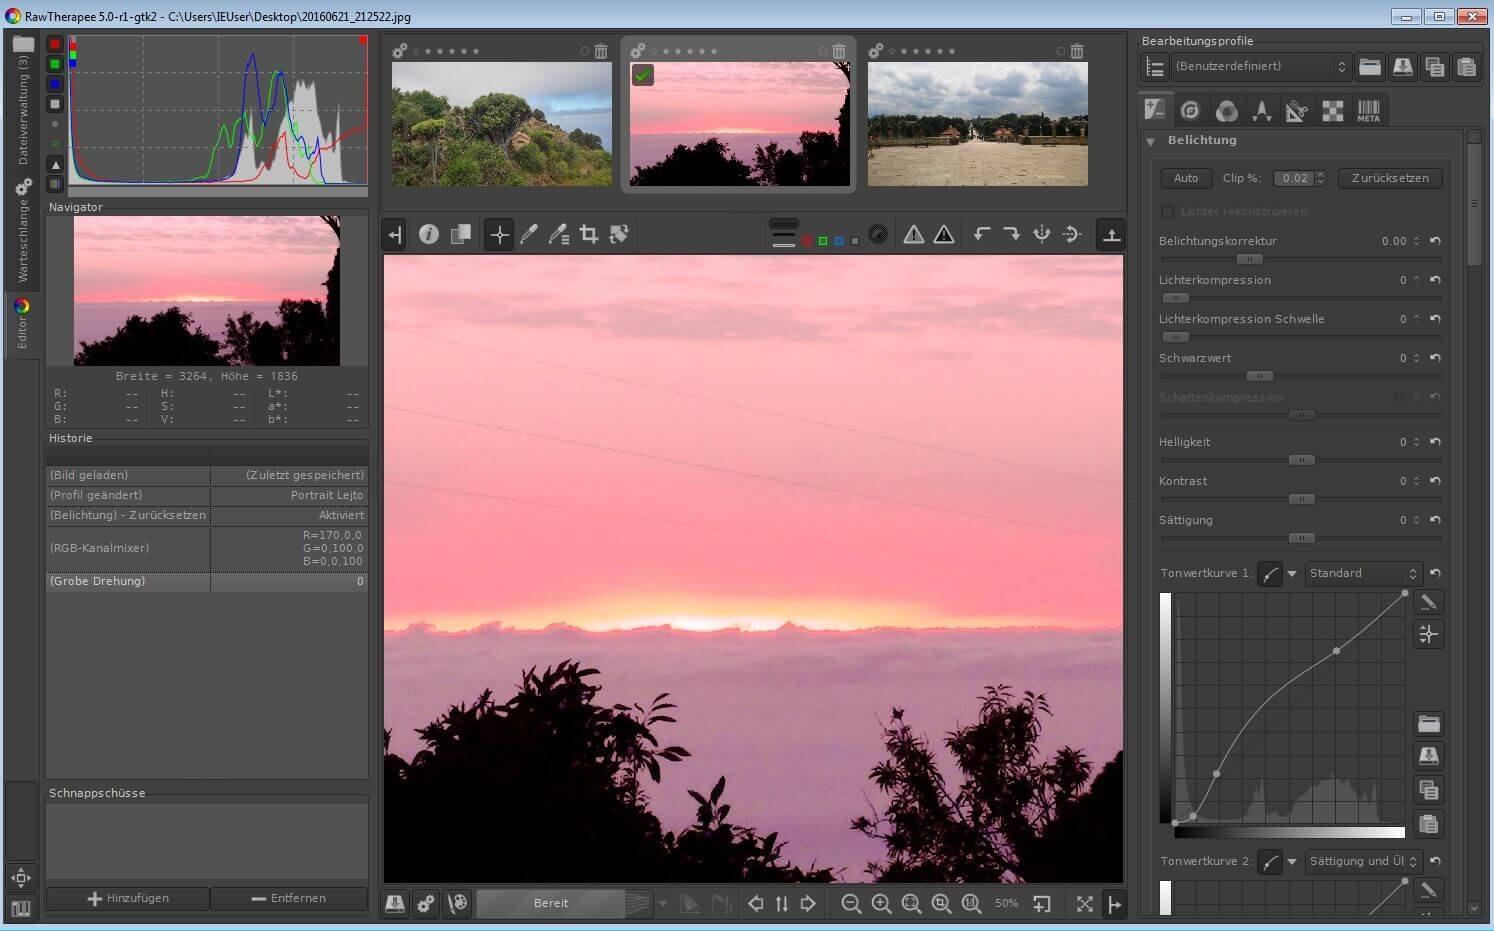 Bildbearbeitungsprogramme: Kostenlose Tools im Test - 1&1